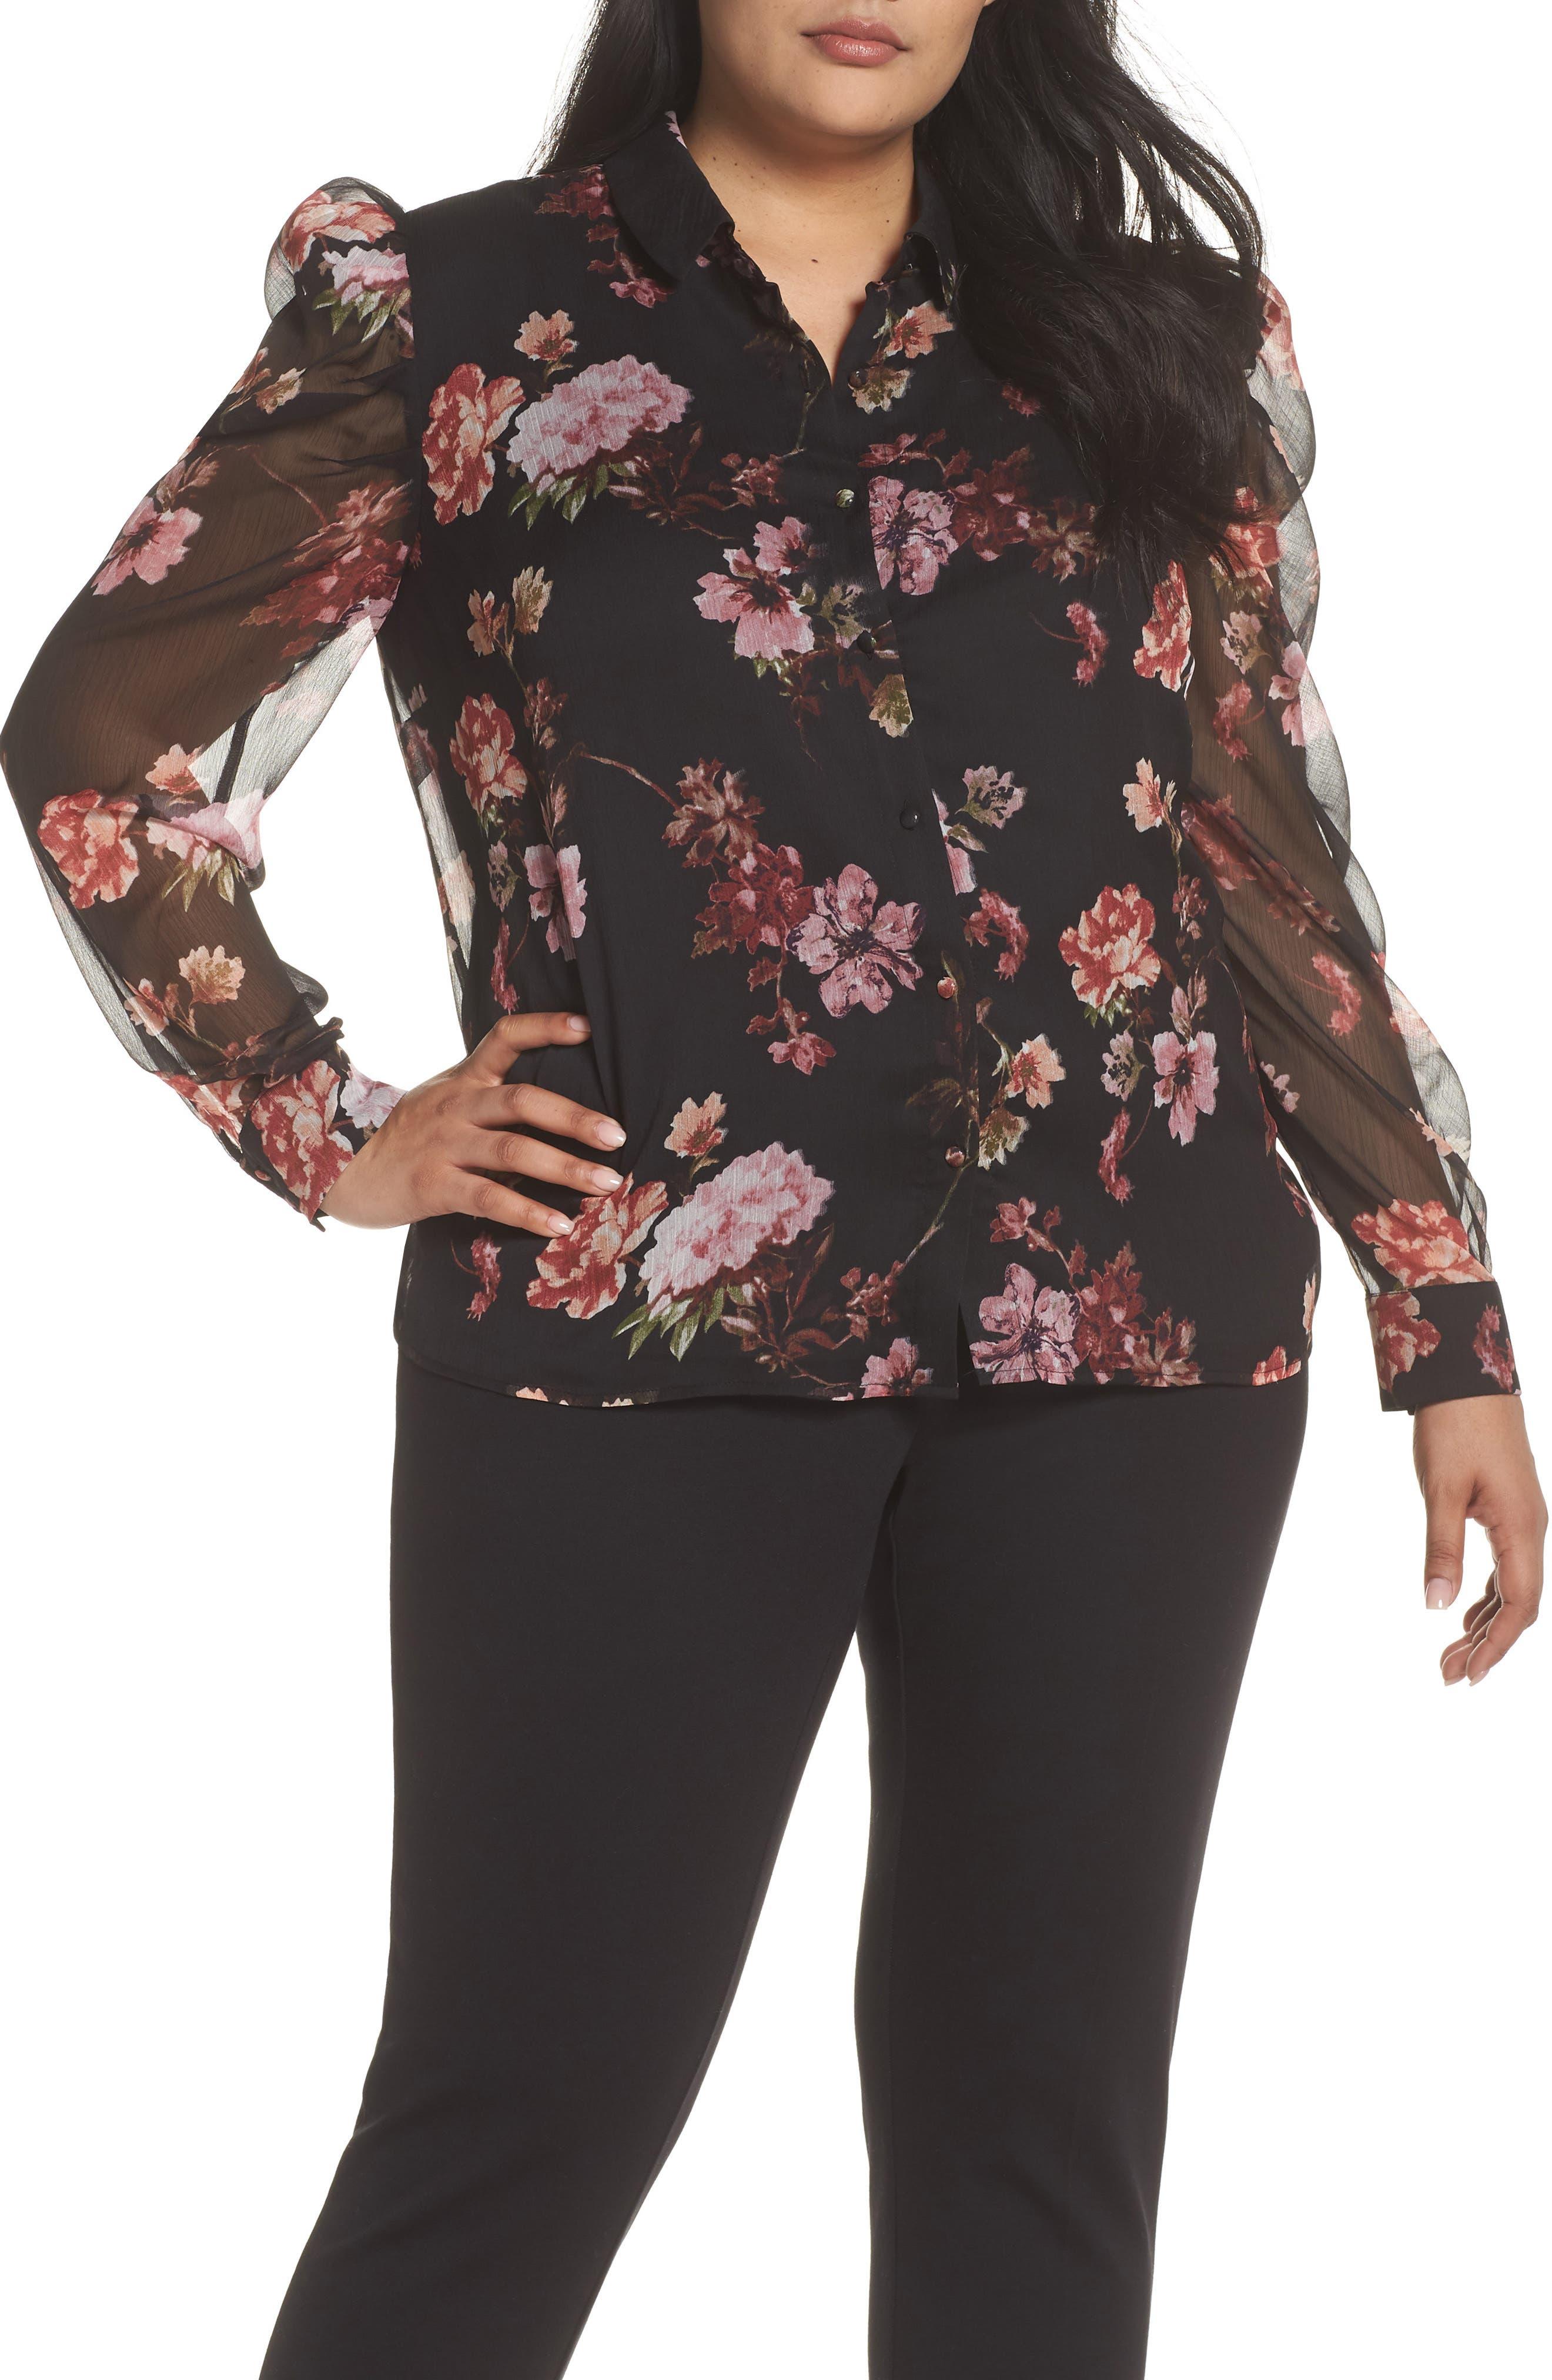 1930s Style Blouses, Shirts, Tops | Vintage Blouses Plus Size Womens Vince Camuto Mutton Sleeve Garden Fleur Blouse $74.40 AT vintagedancer.com